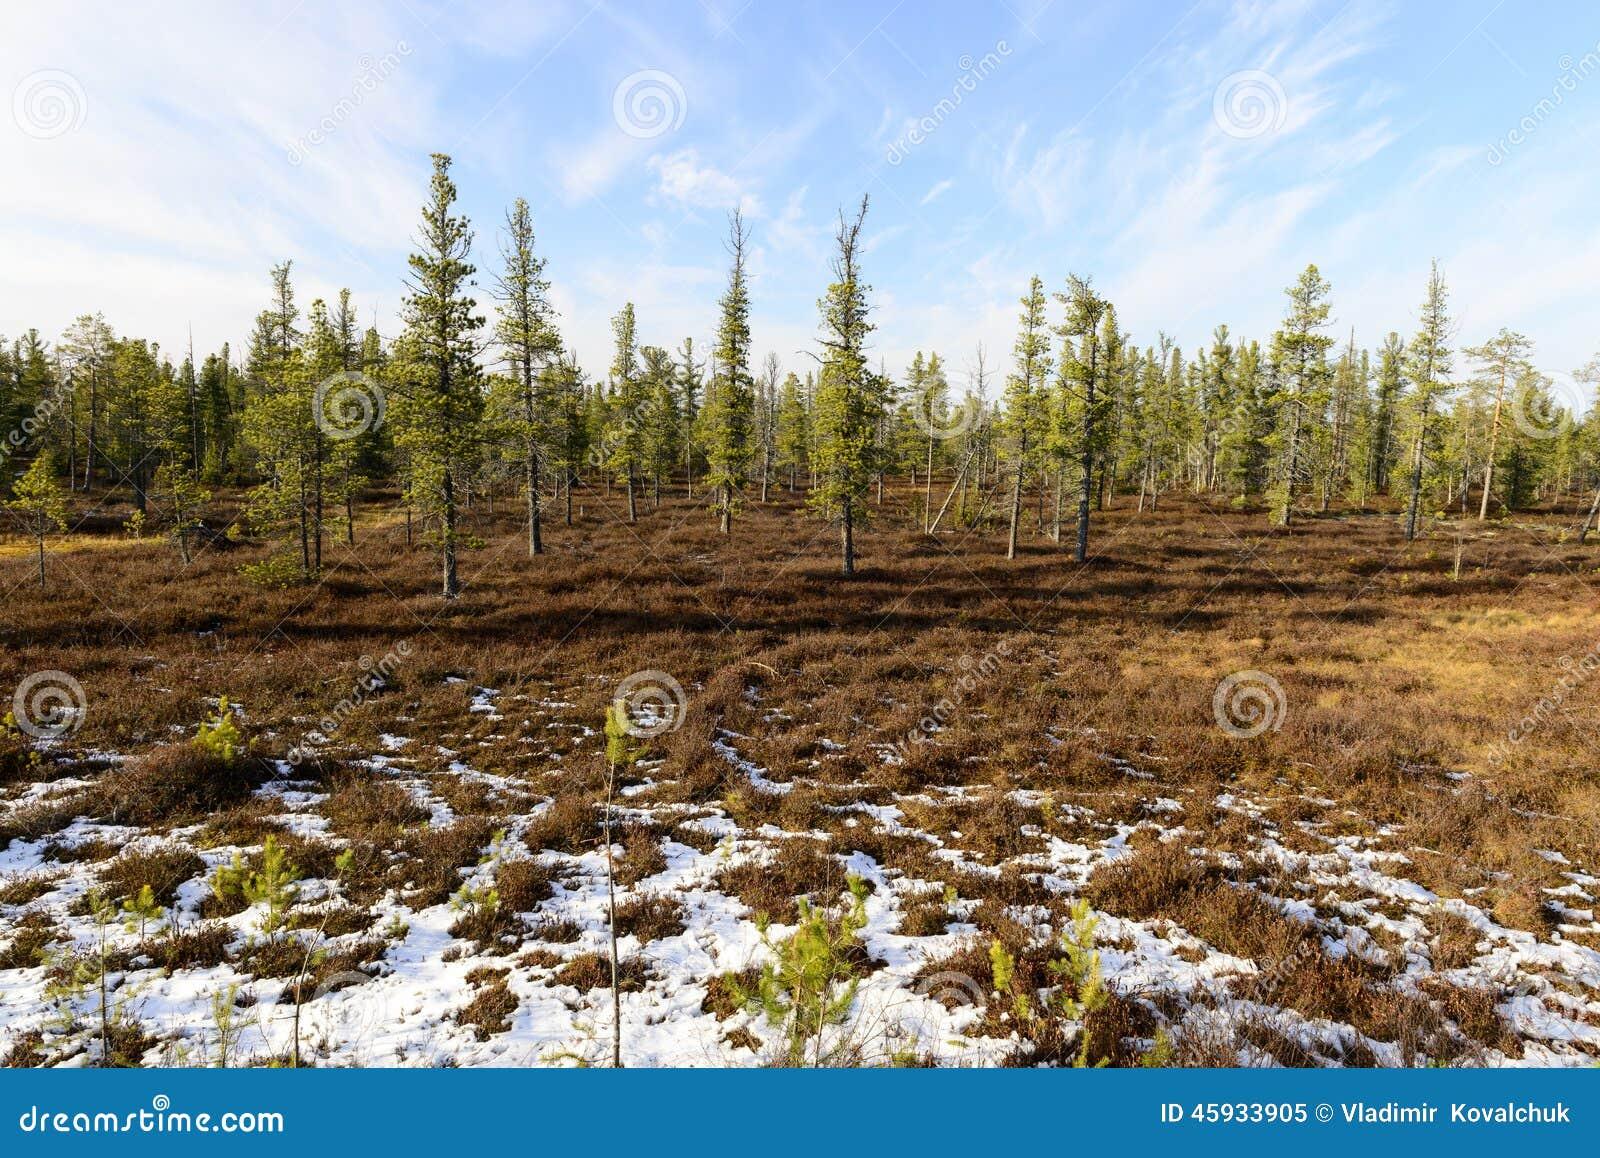 Lasu krajobraz w jesieni w Rosyjskiej tajdze